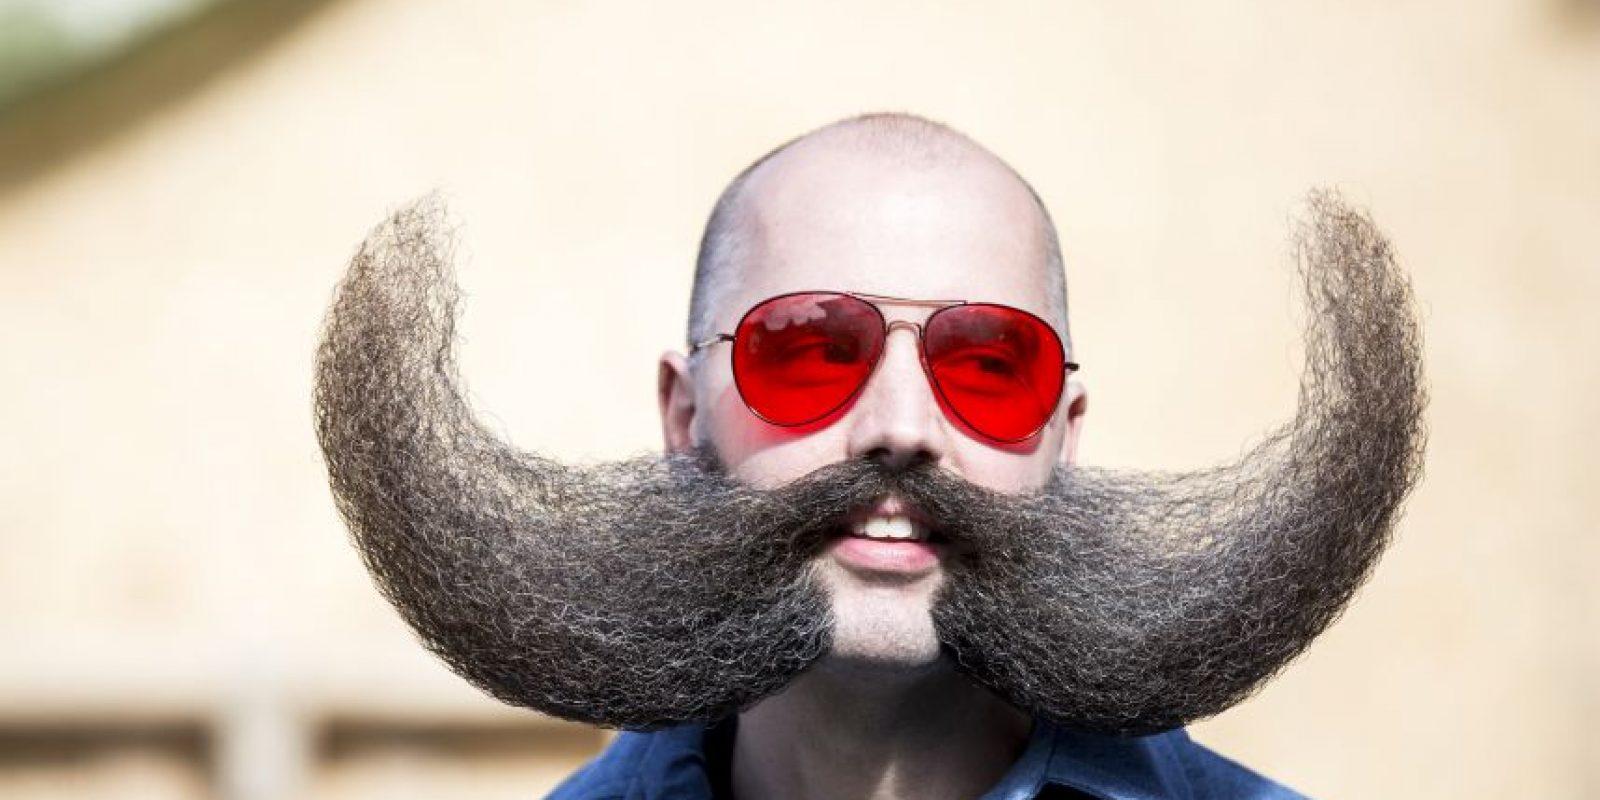 1Leogang, Austria. Hombres con todo tipo de pelusa facial se reúnen en la aldea de los AlpesM. J. Johnson, fundador del Club de Barba y Bigote de Mineápolis (que aboga a favor de la aceptación de barba en el lugar de trabajo), posa para una fotografía durante la ceremonia inaugural del Campeonato del Mundo de la Barba y el Bigote el 3 de octubre de 2015, en Leogang, Austria. La barba de competencia de Johnson requiere de rasuradora, spray para el cabello, tijeras, un secador de pelo y tiempo de peinado de más de dos horas. Foto: Getty Images